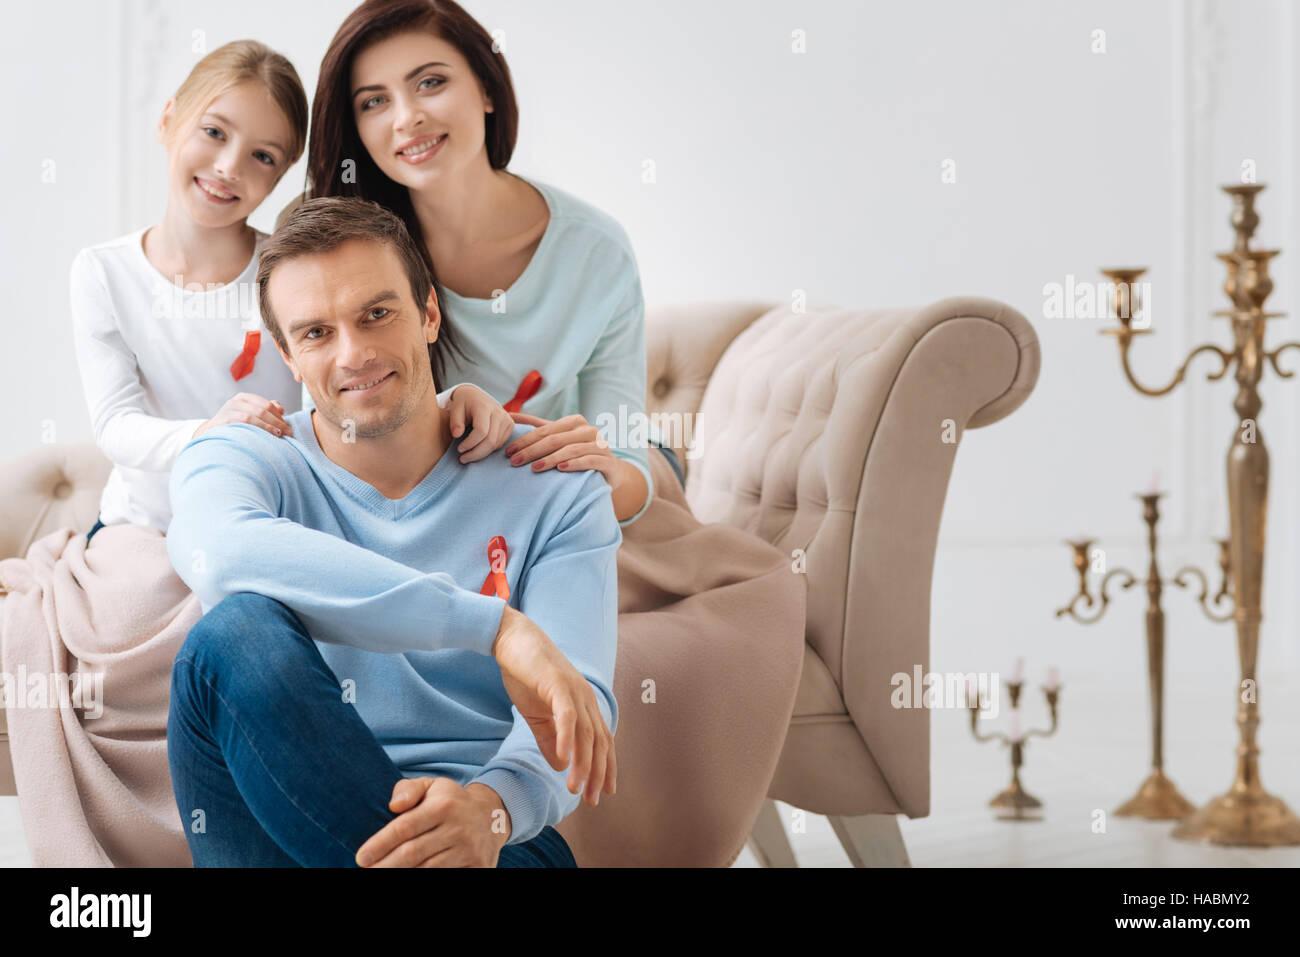 Feliz familia alegre mostrando su solidaridad a las personas con SIDA Imagen De Stock